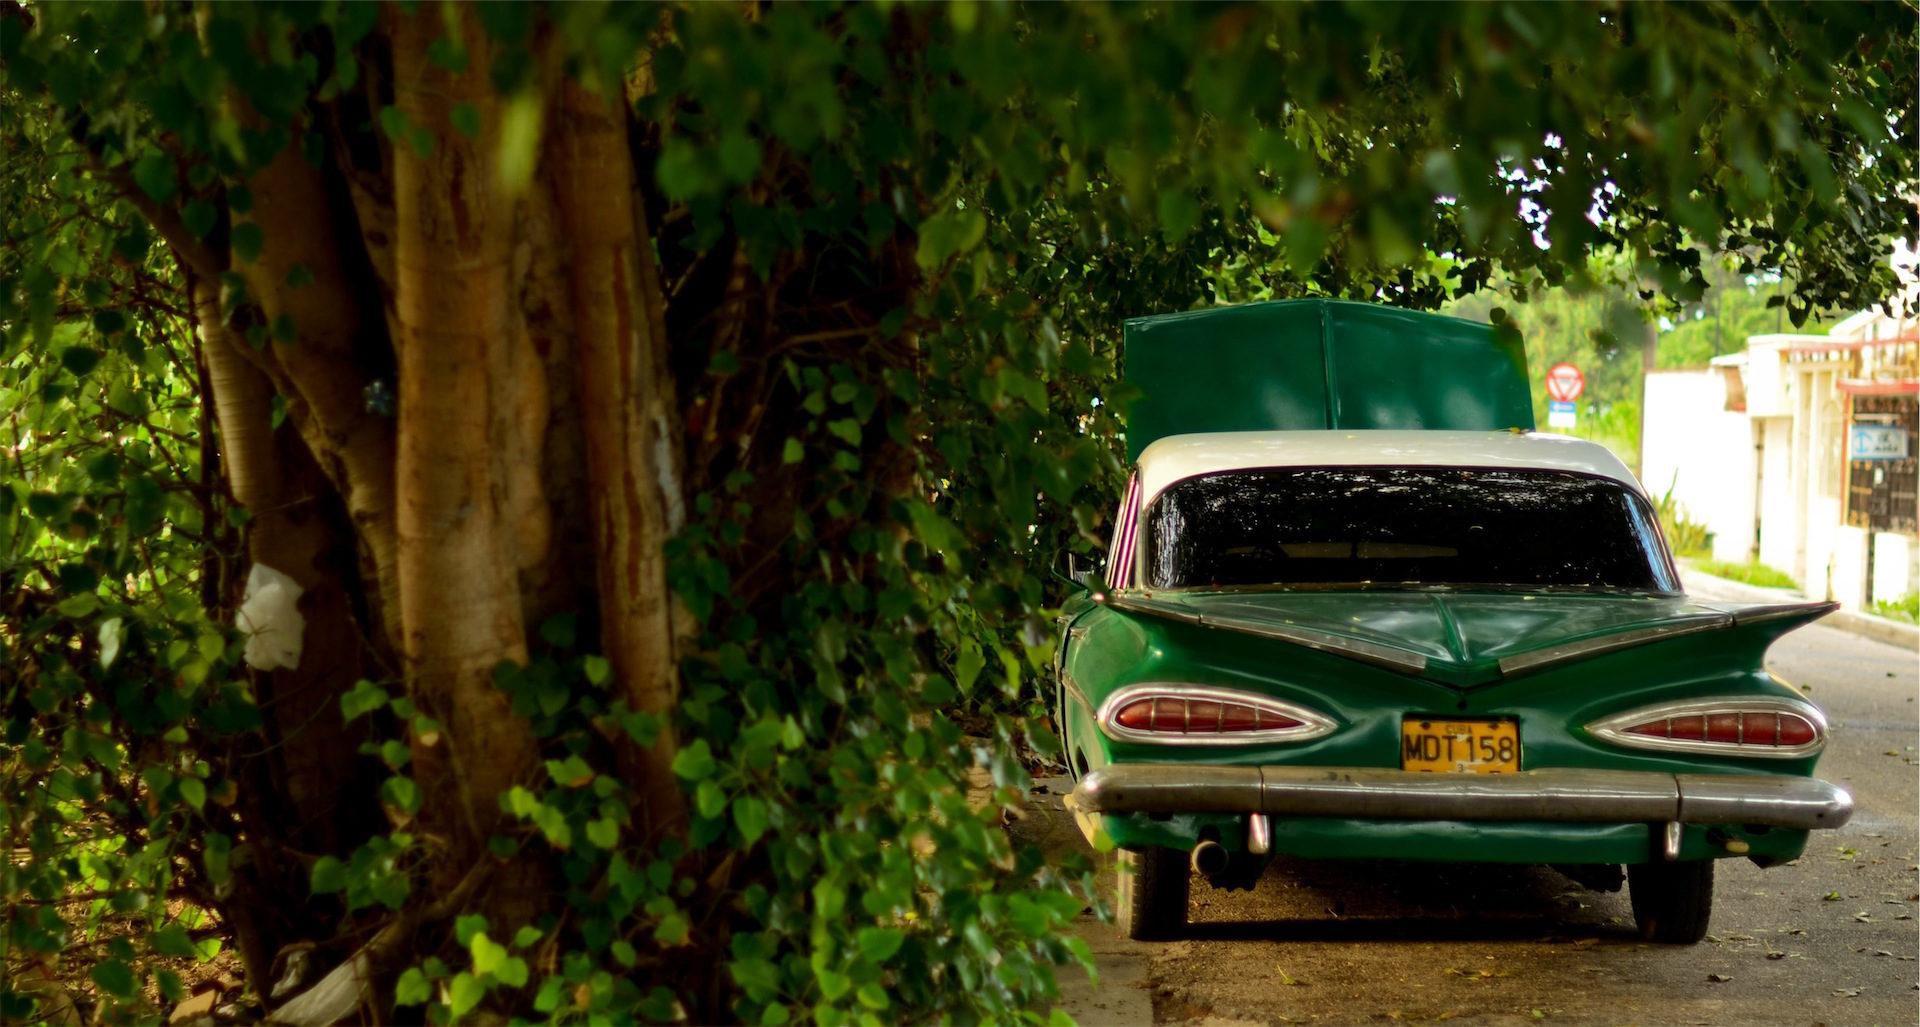 αυτοκίνητο, παλιά, averia, παλιάς χρονολογίας, Πράσινο - Wallpapers HD - Professor-falken.com